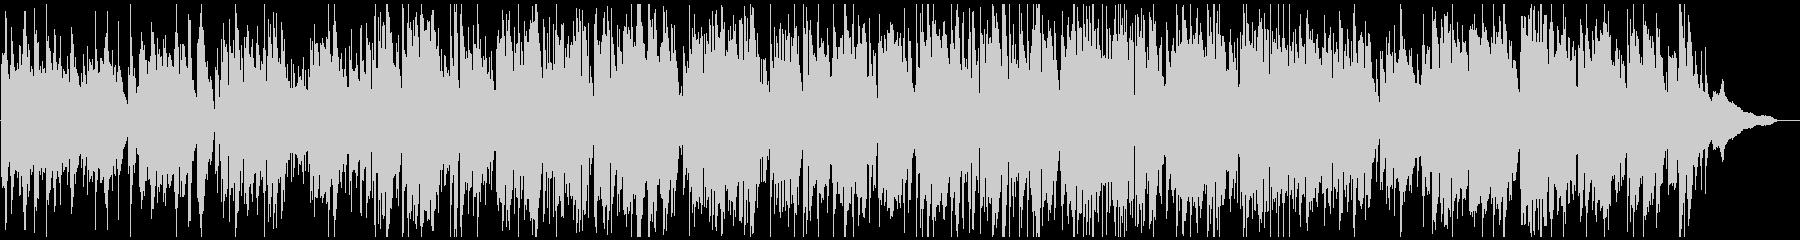 バリトンサックス生演奏のゴキゲンなジャズの未再生の波形